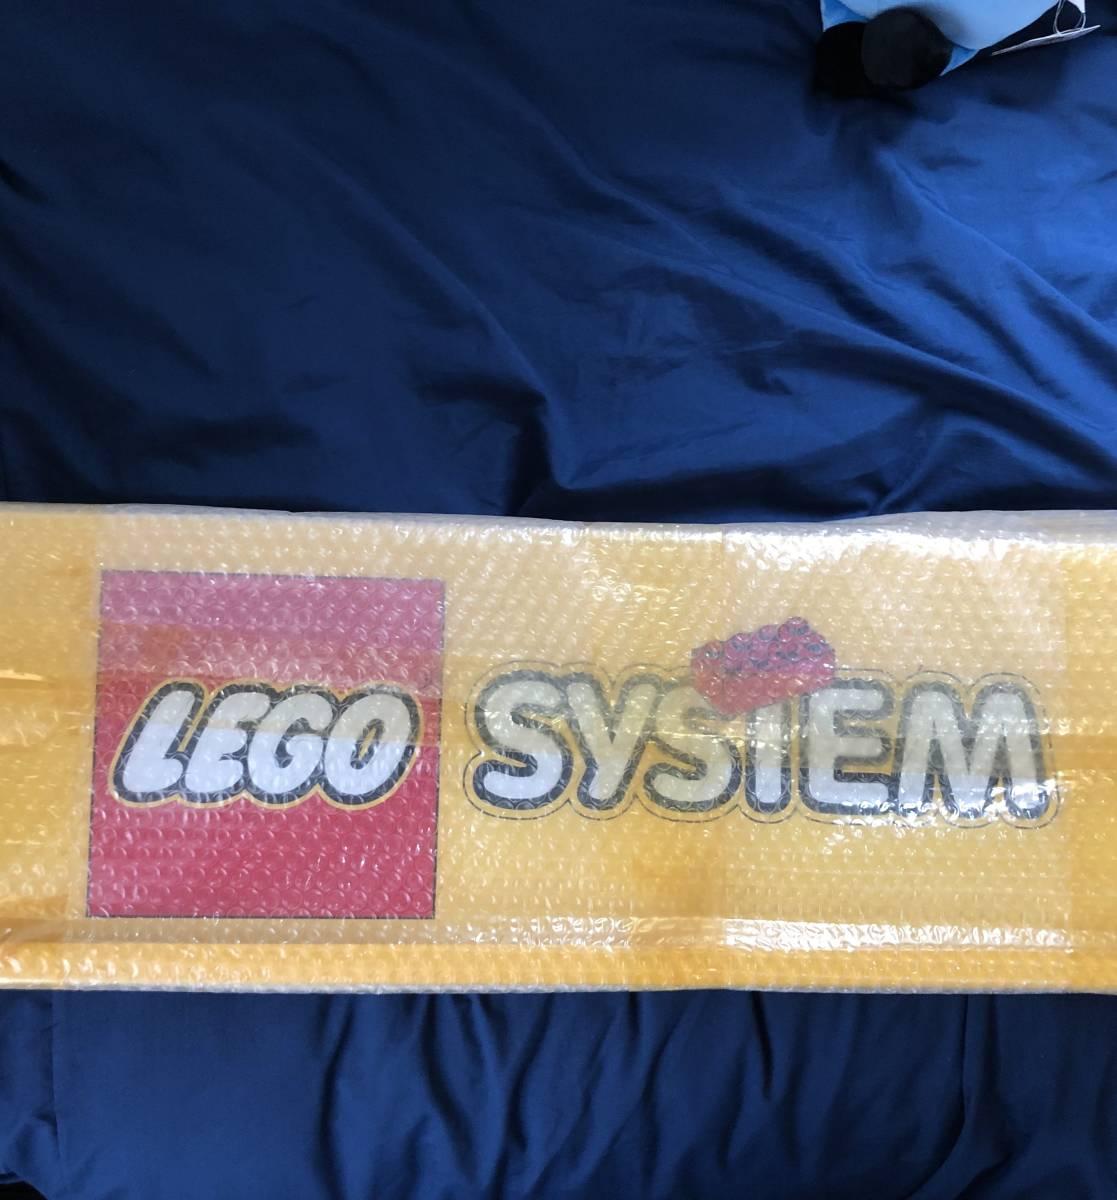 店頭ディスプレイ非売品LEGO看板特大サイズレゴシステムレア_画像1